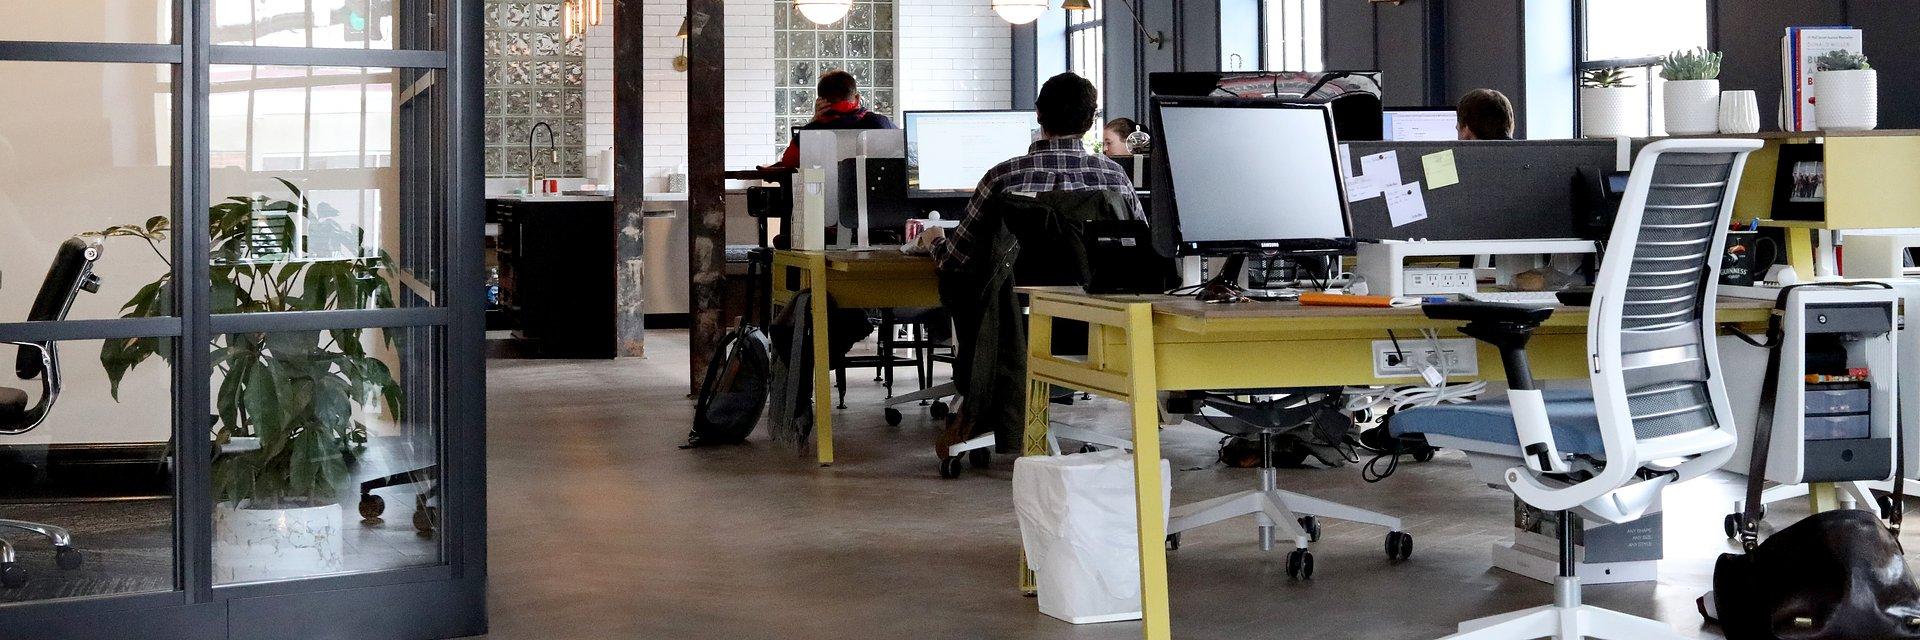 Polska szkoła IT pomoże brytyjskiej firmie rekrutacyjnej znaleźć programistów dla sektora gier online